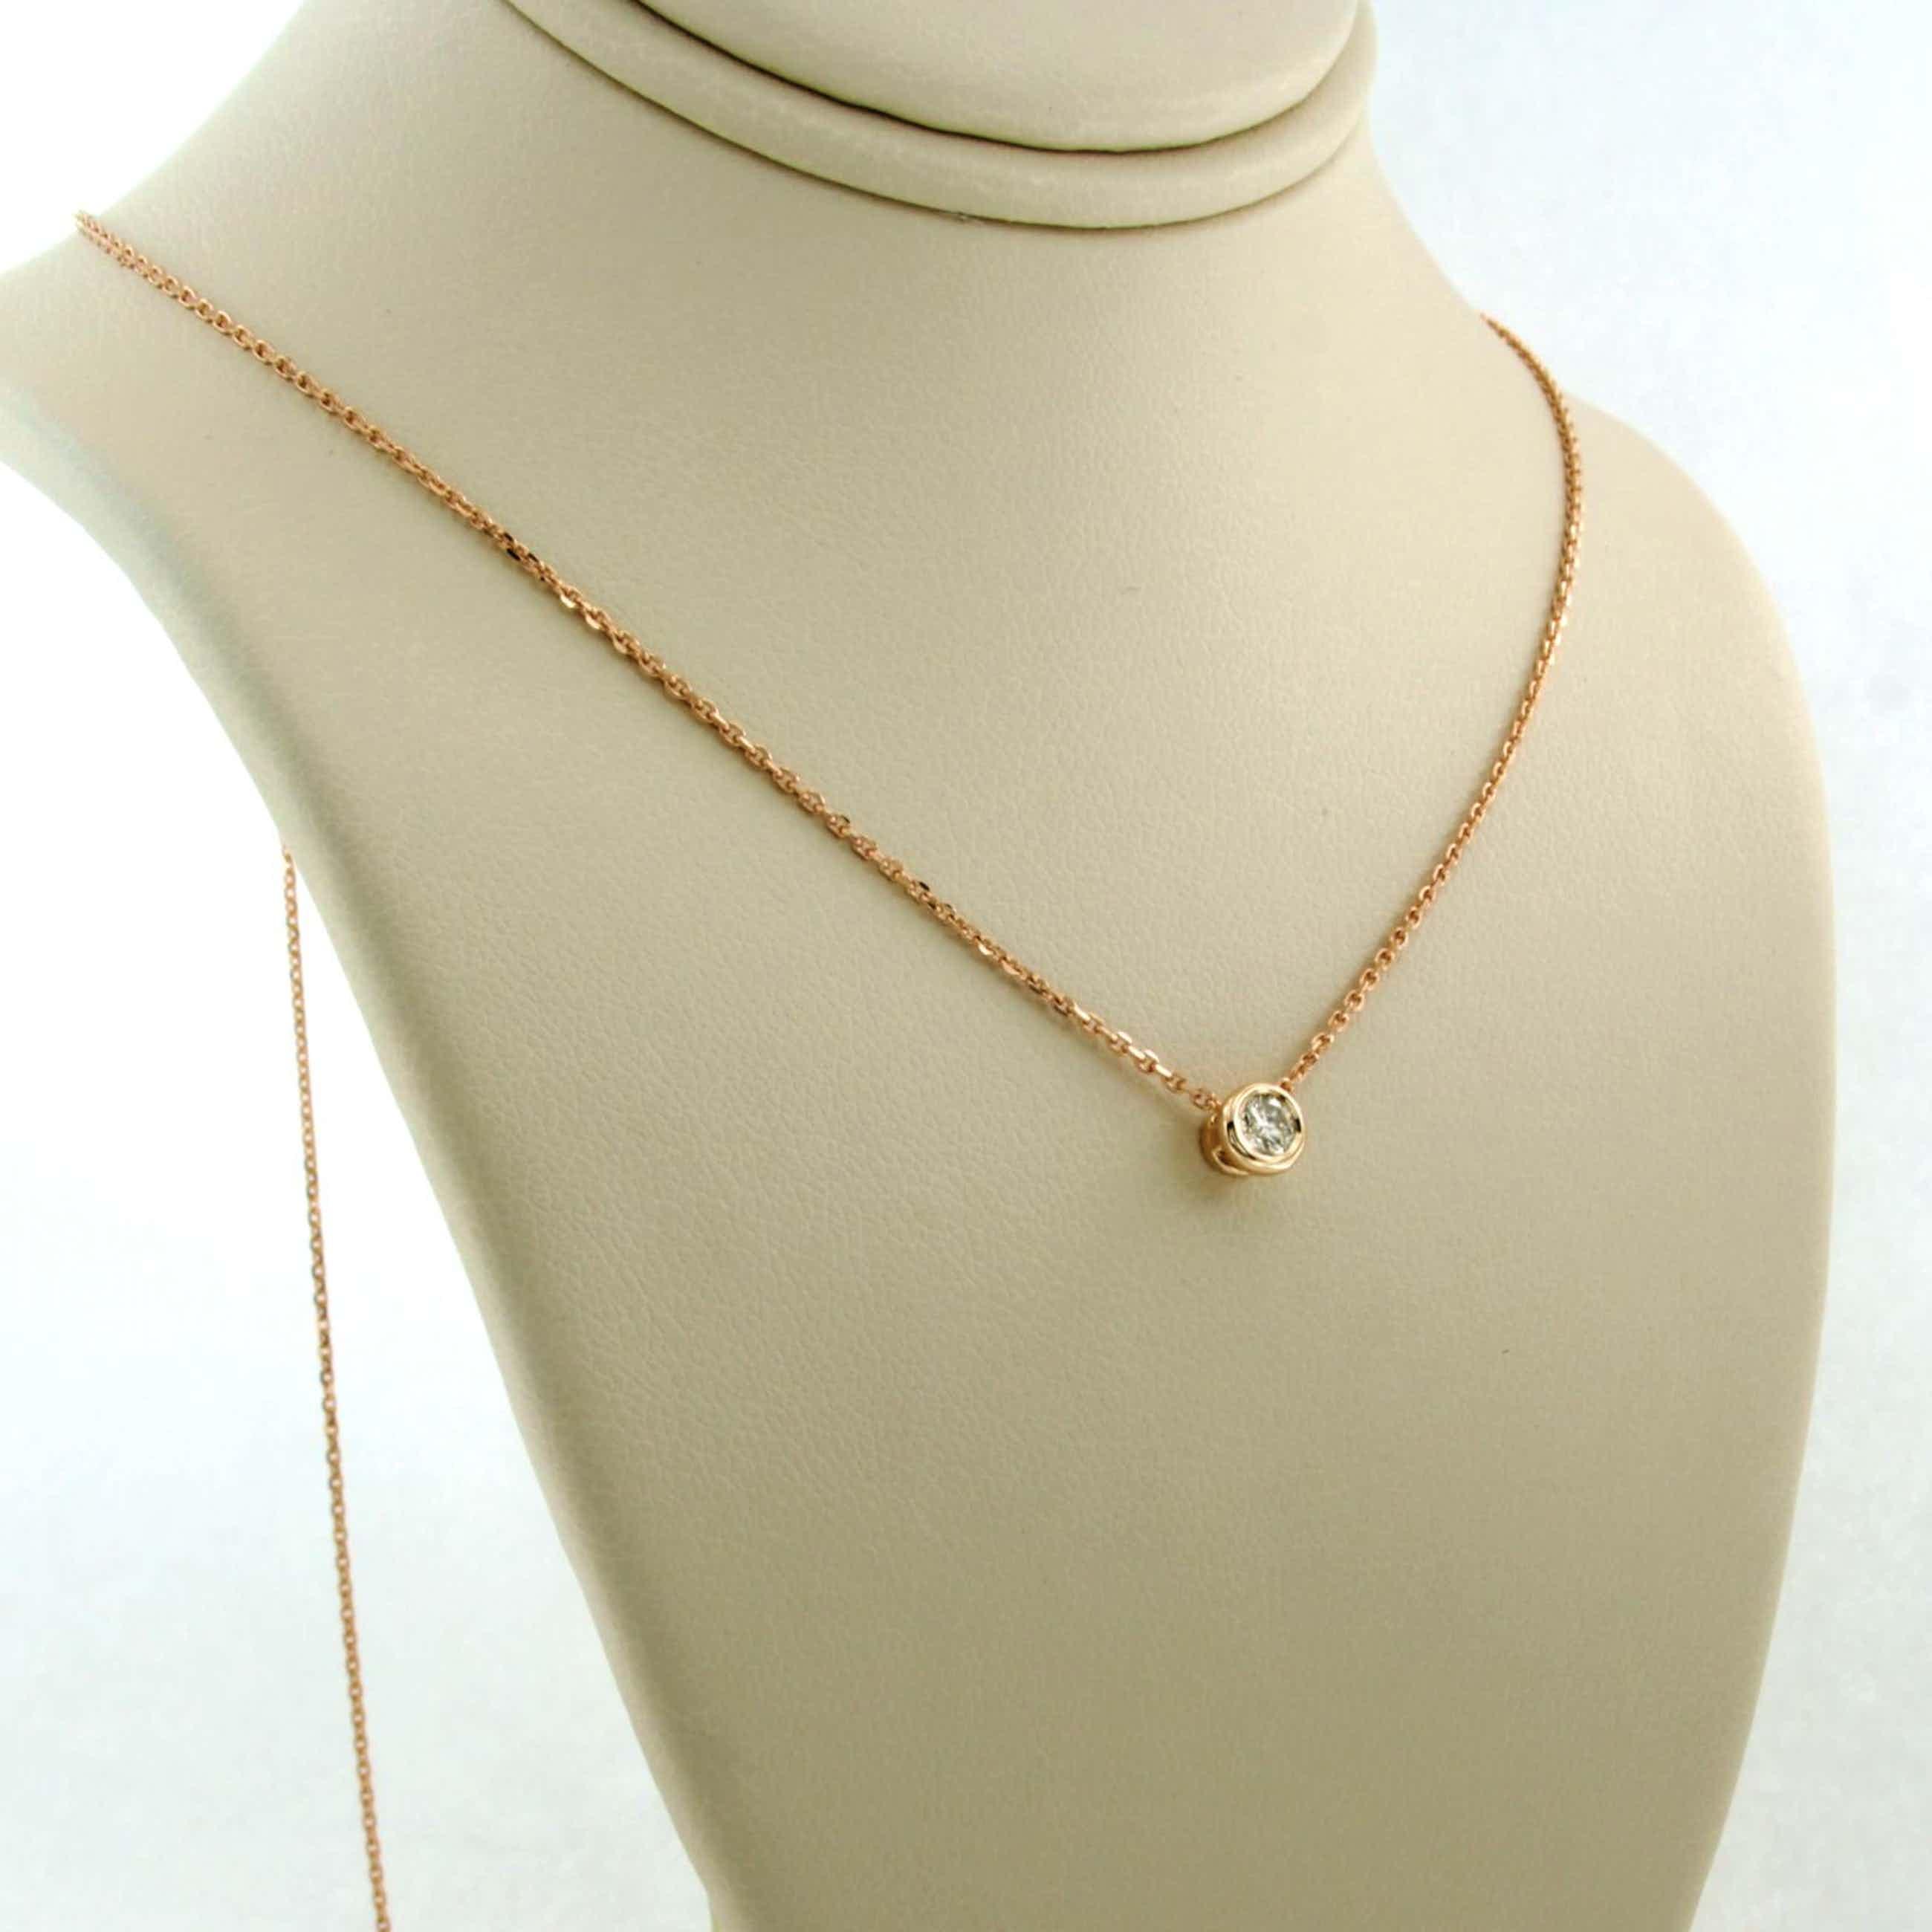 14K Goud - rosé gouden collier met 0.12 ct diamant kopen? Bied vanaf 160!